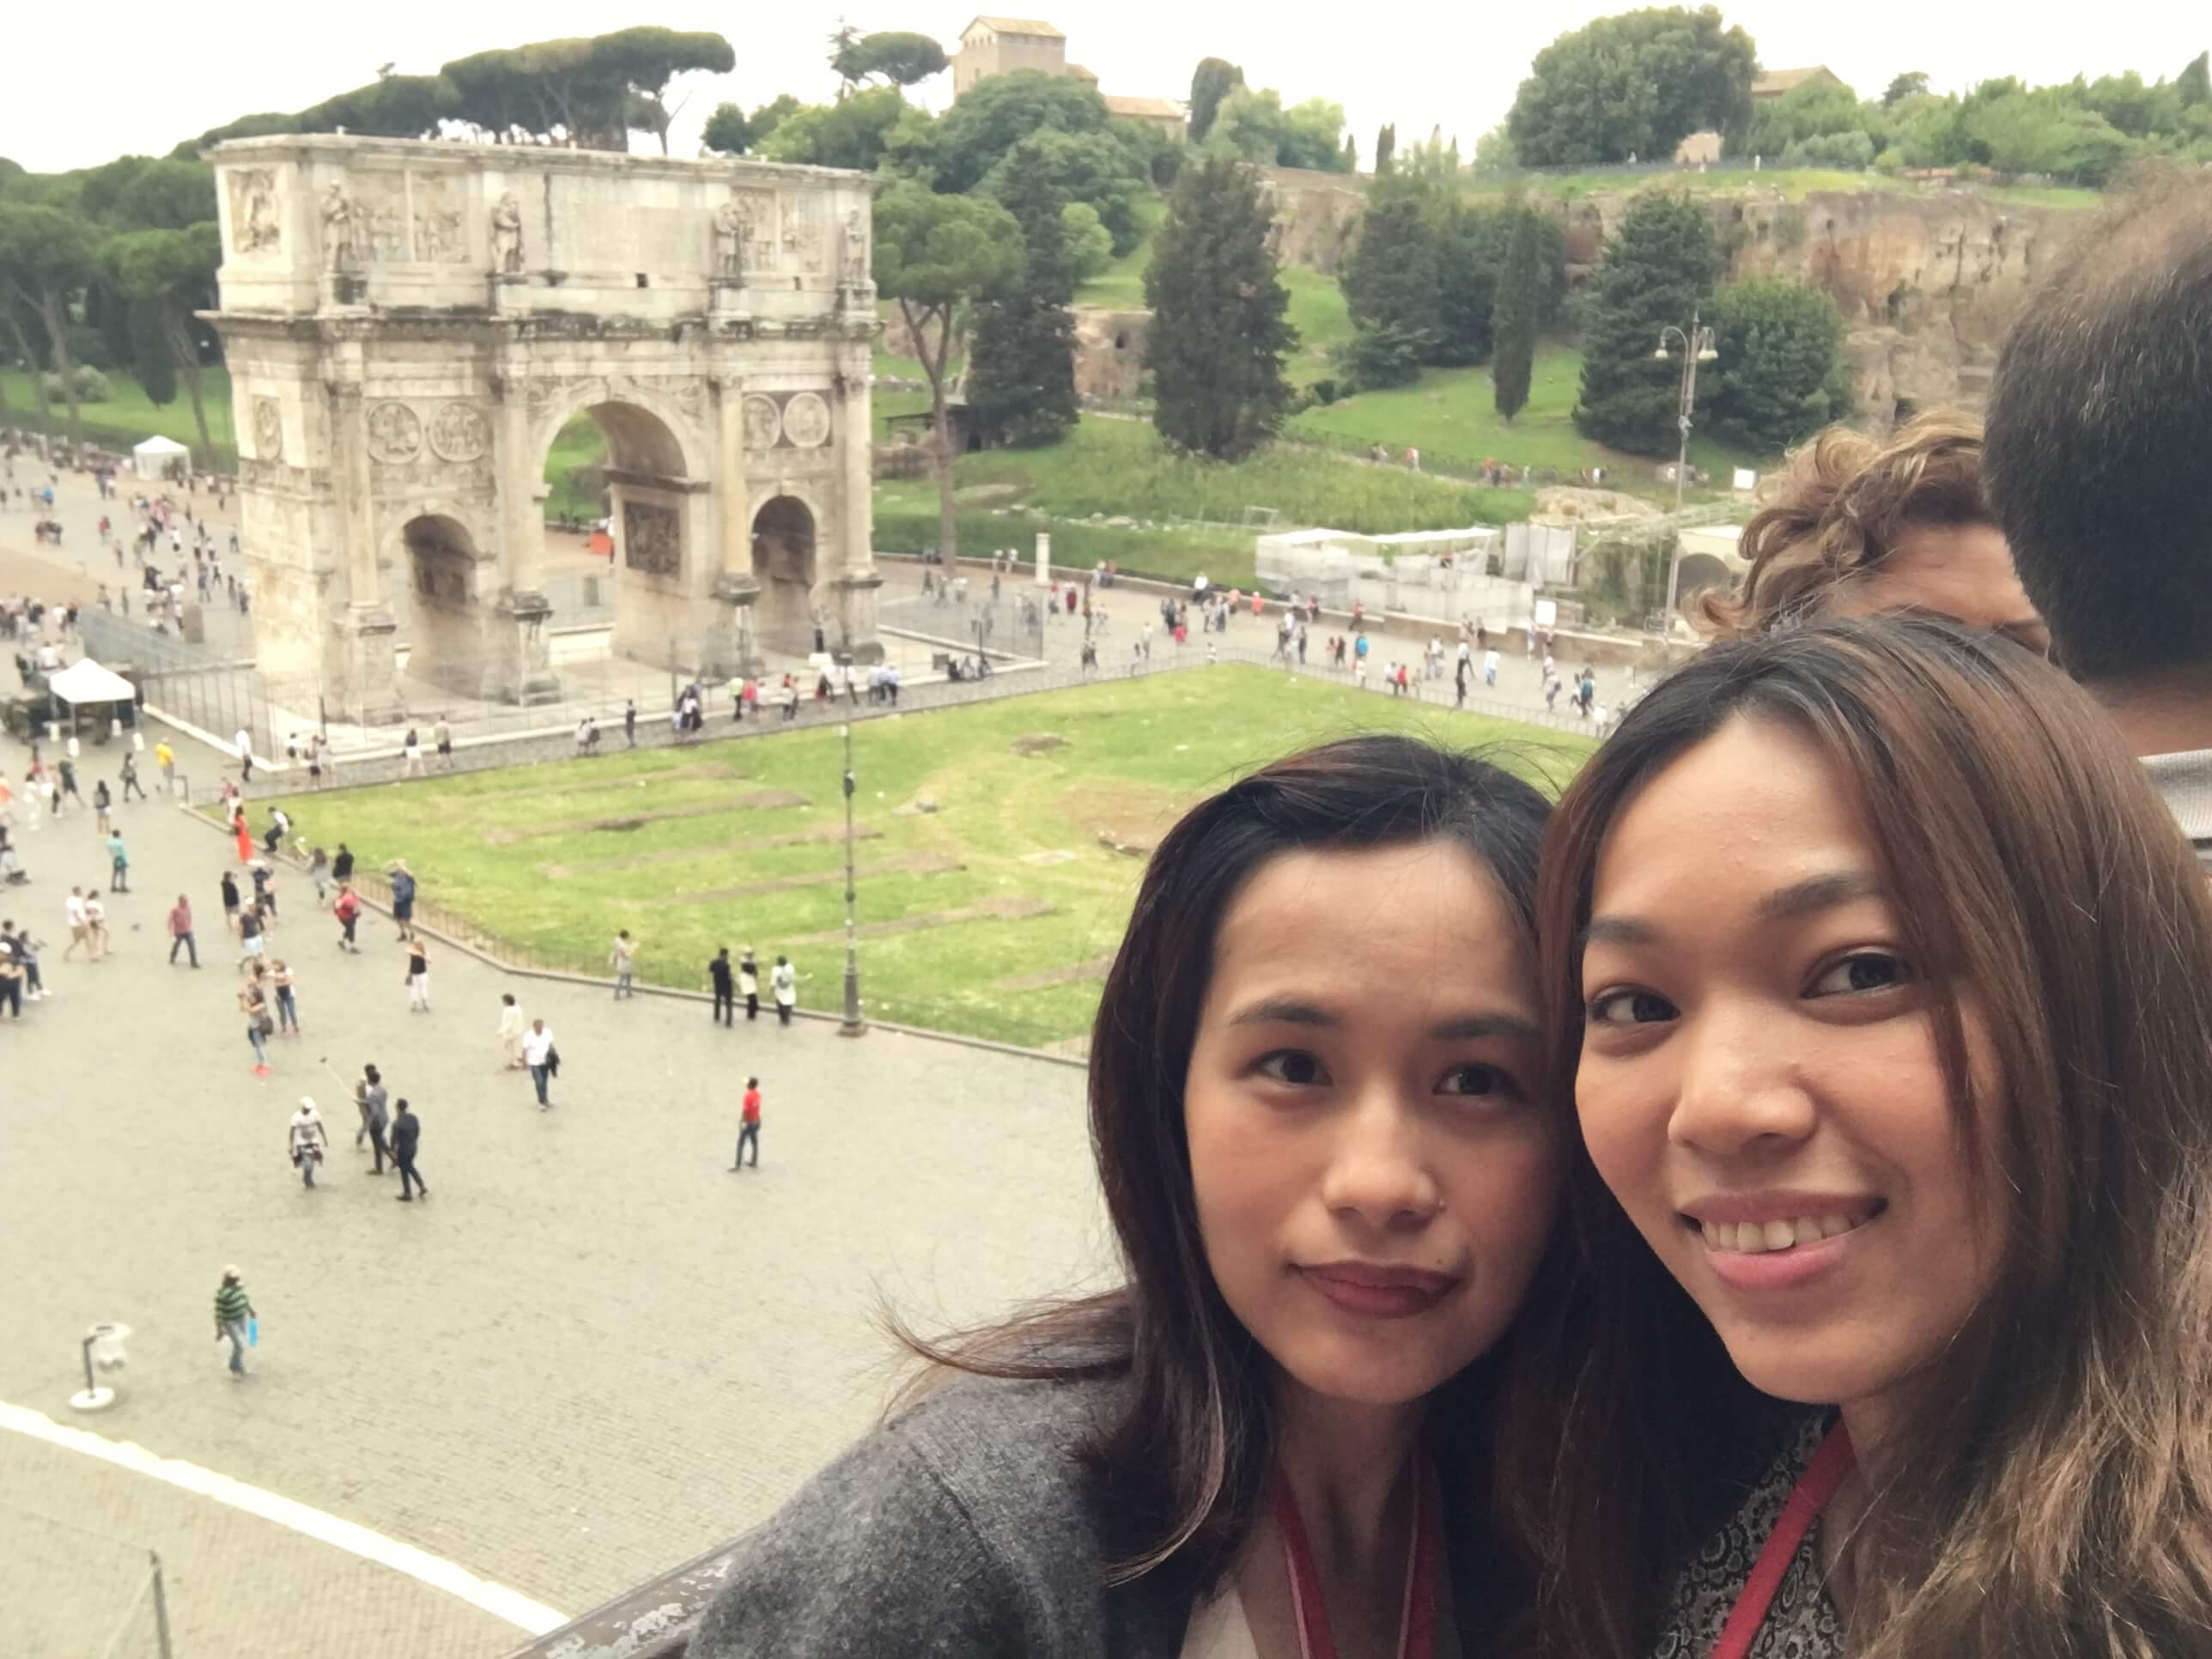 義大利|羅馬|婚紗拍攝花絮